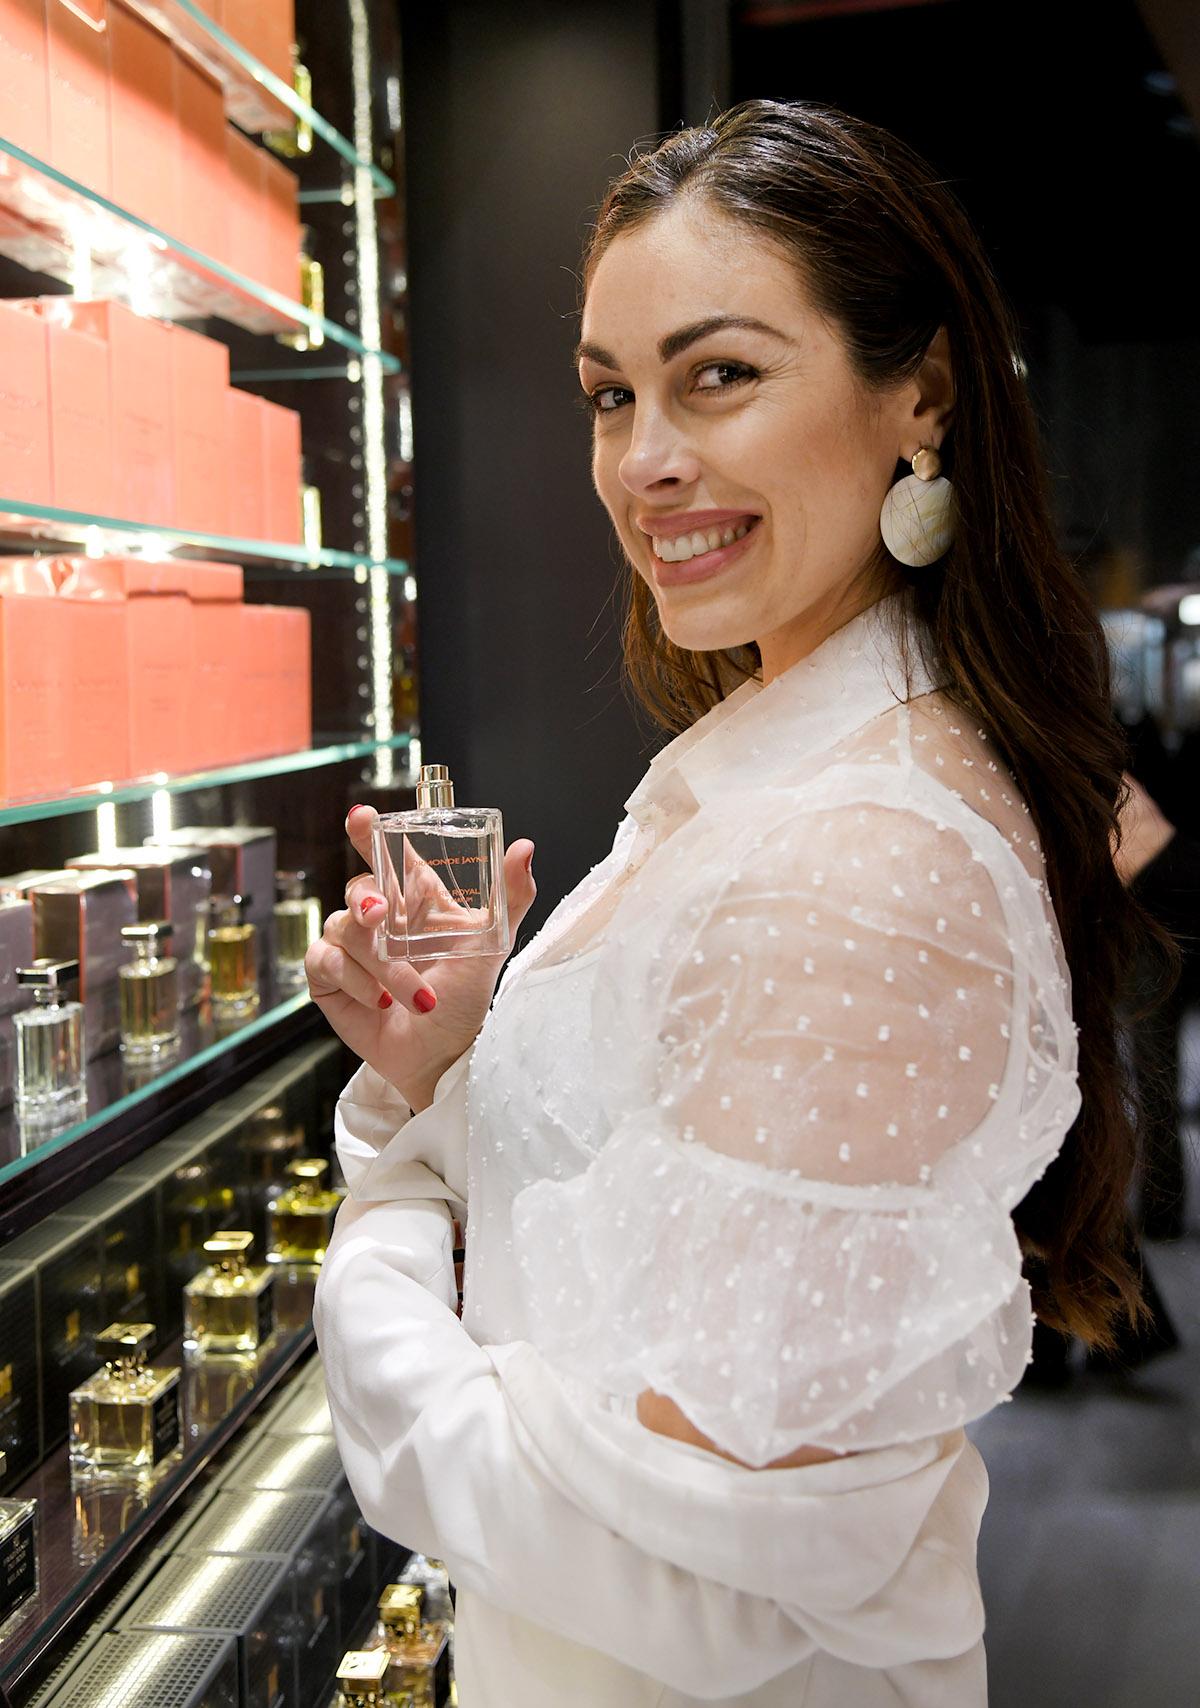 Dočekali smo otvorenje parfumerije posebnih mirisa: Amber niche store!